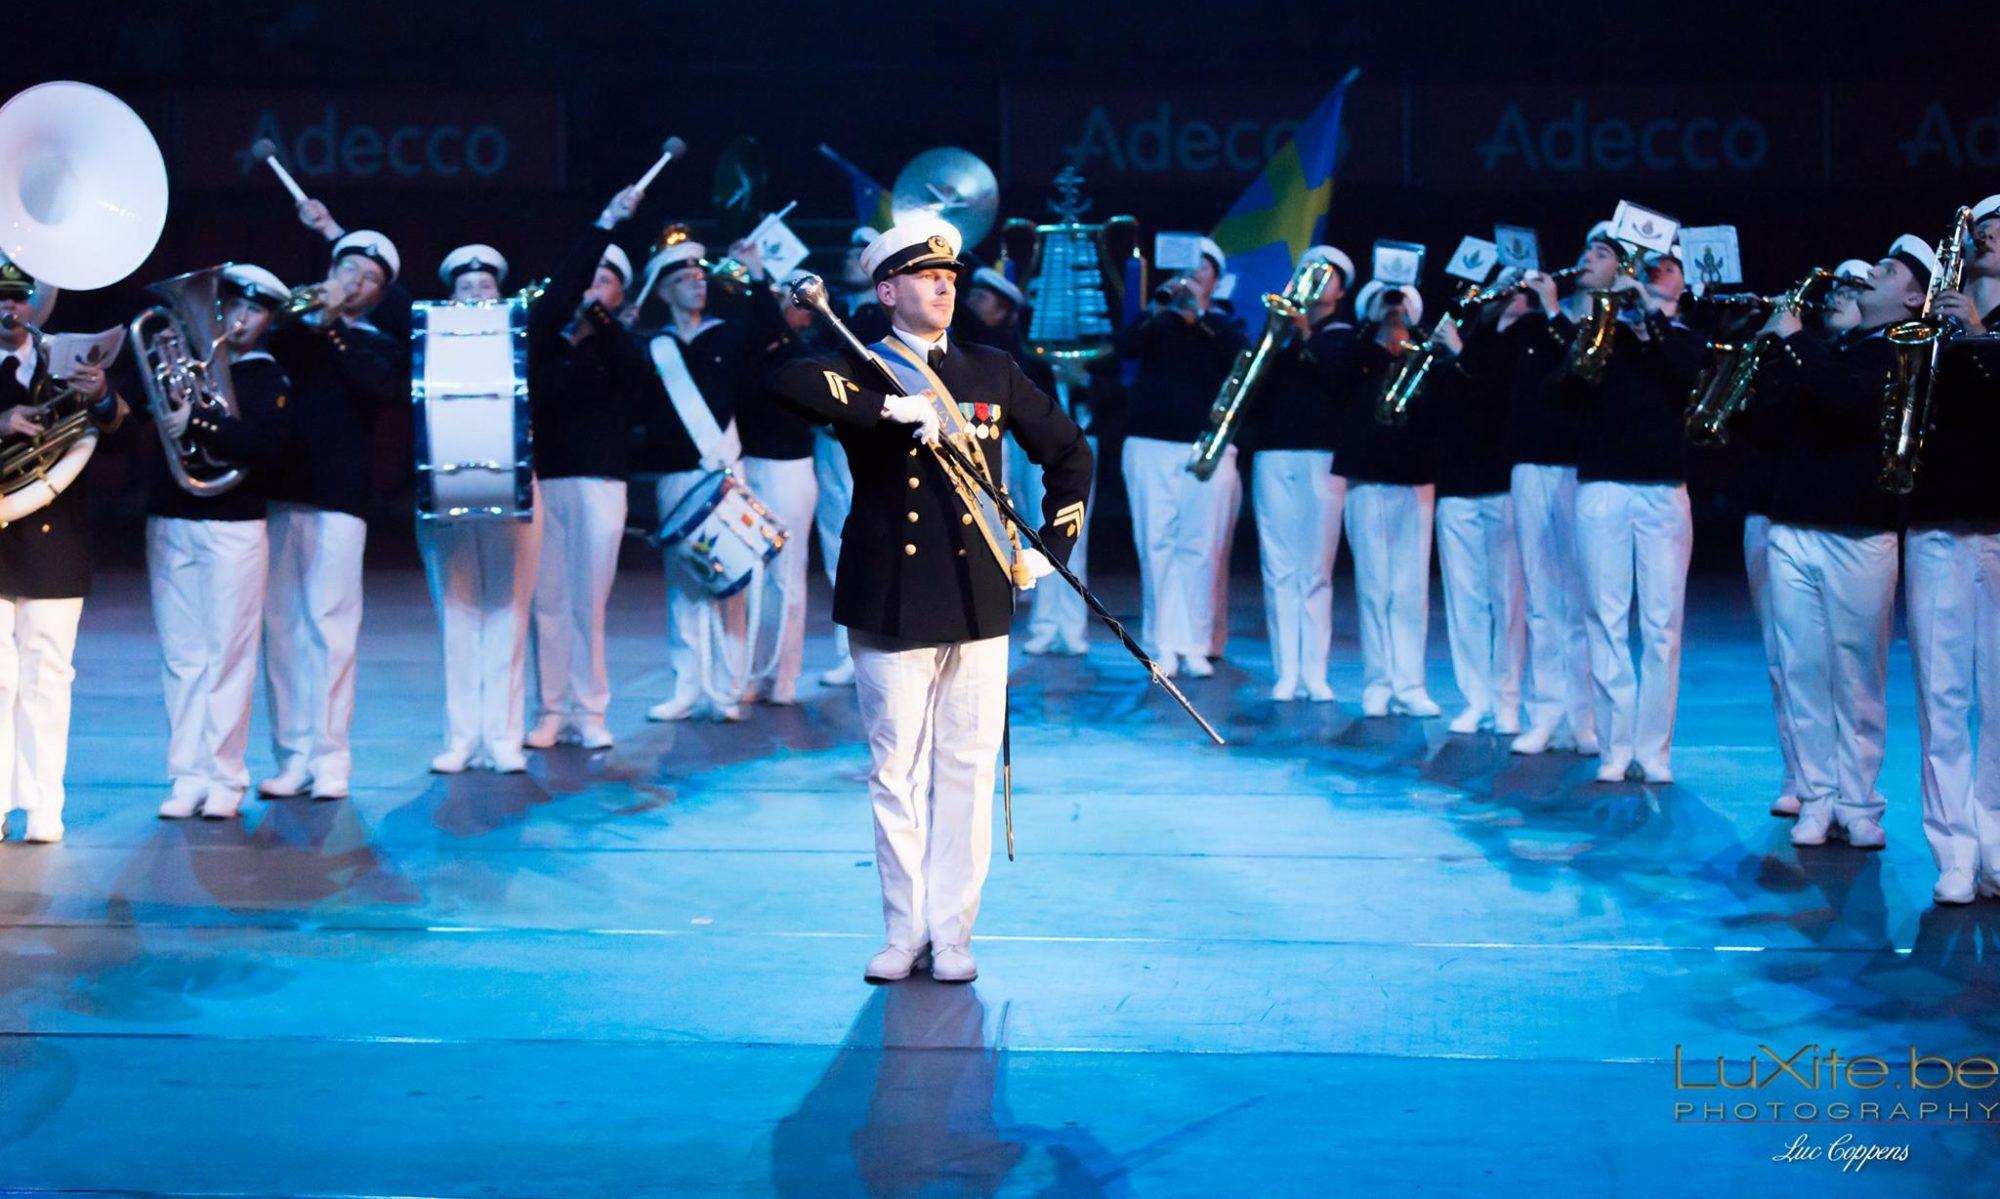 Marinens Ungdomsmusikkår Kronan